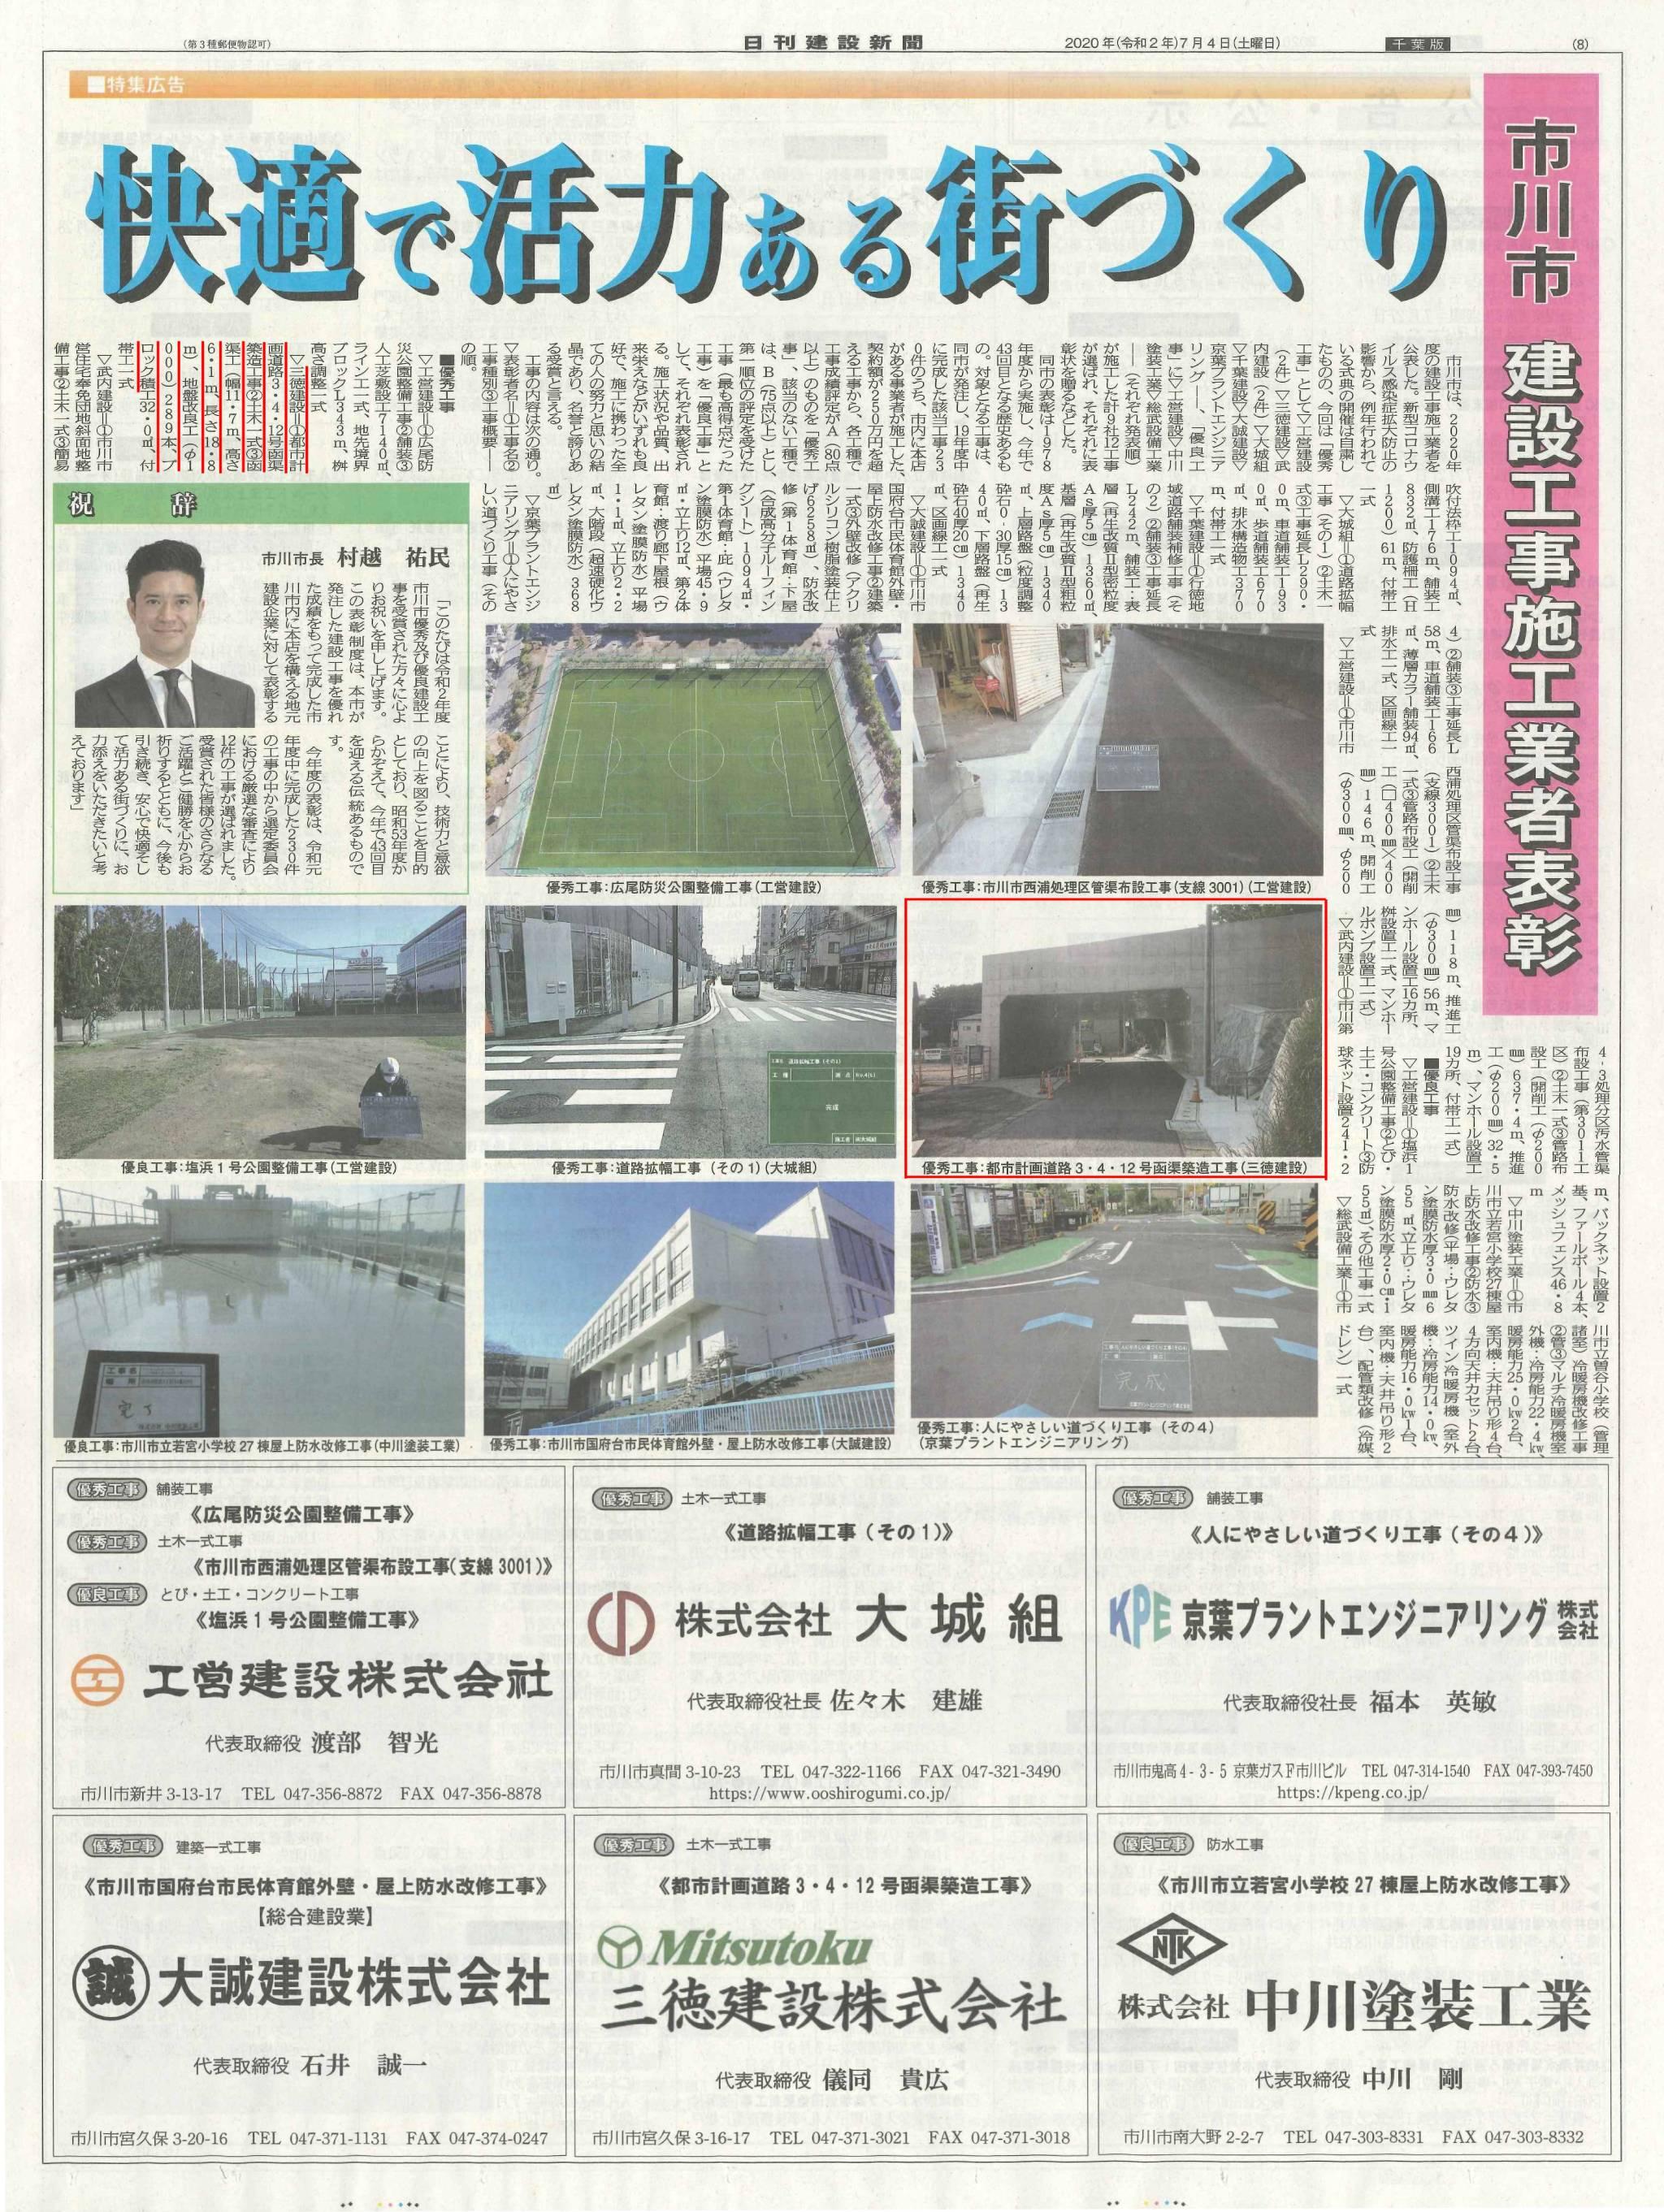 日刊建設新聞_20200704 (1)